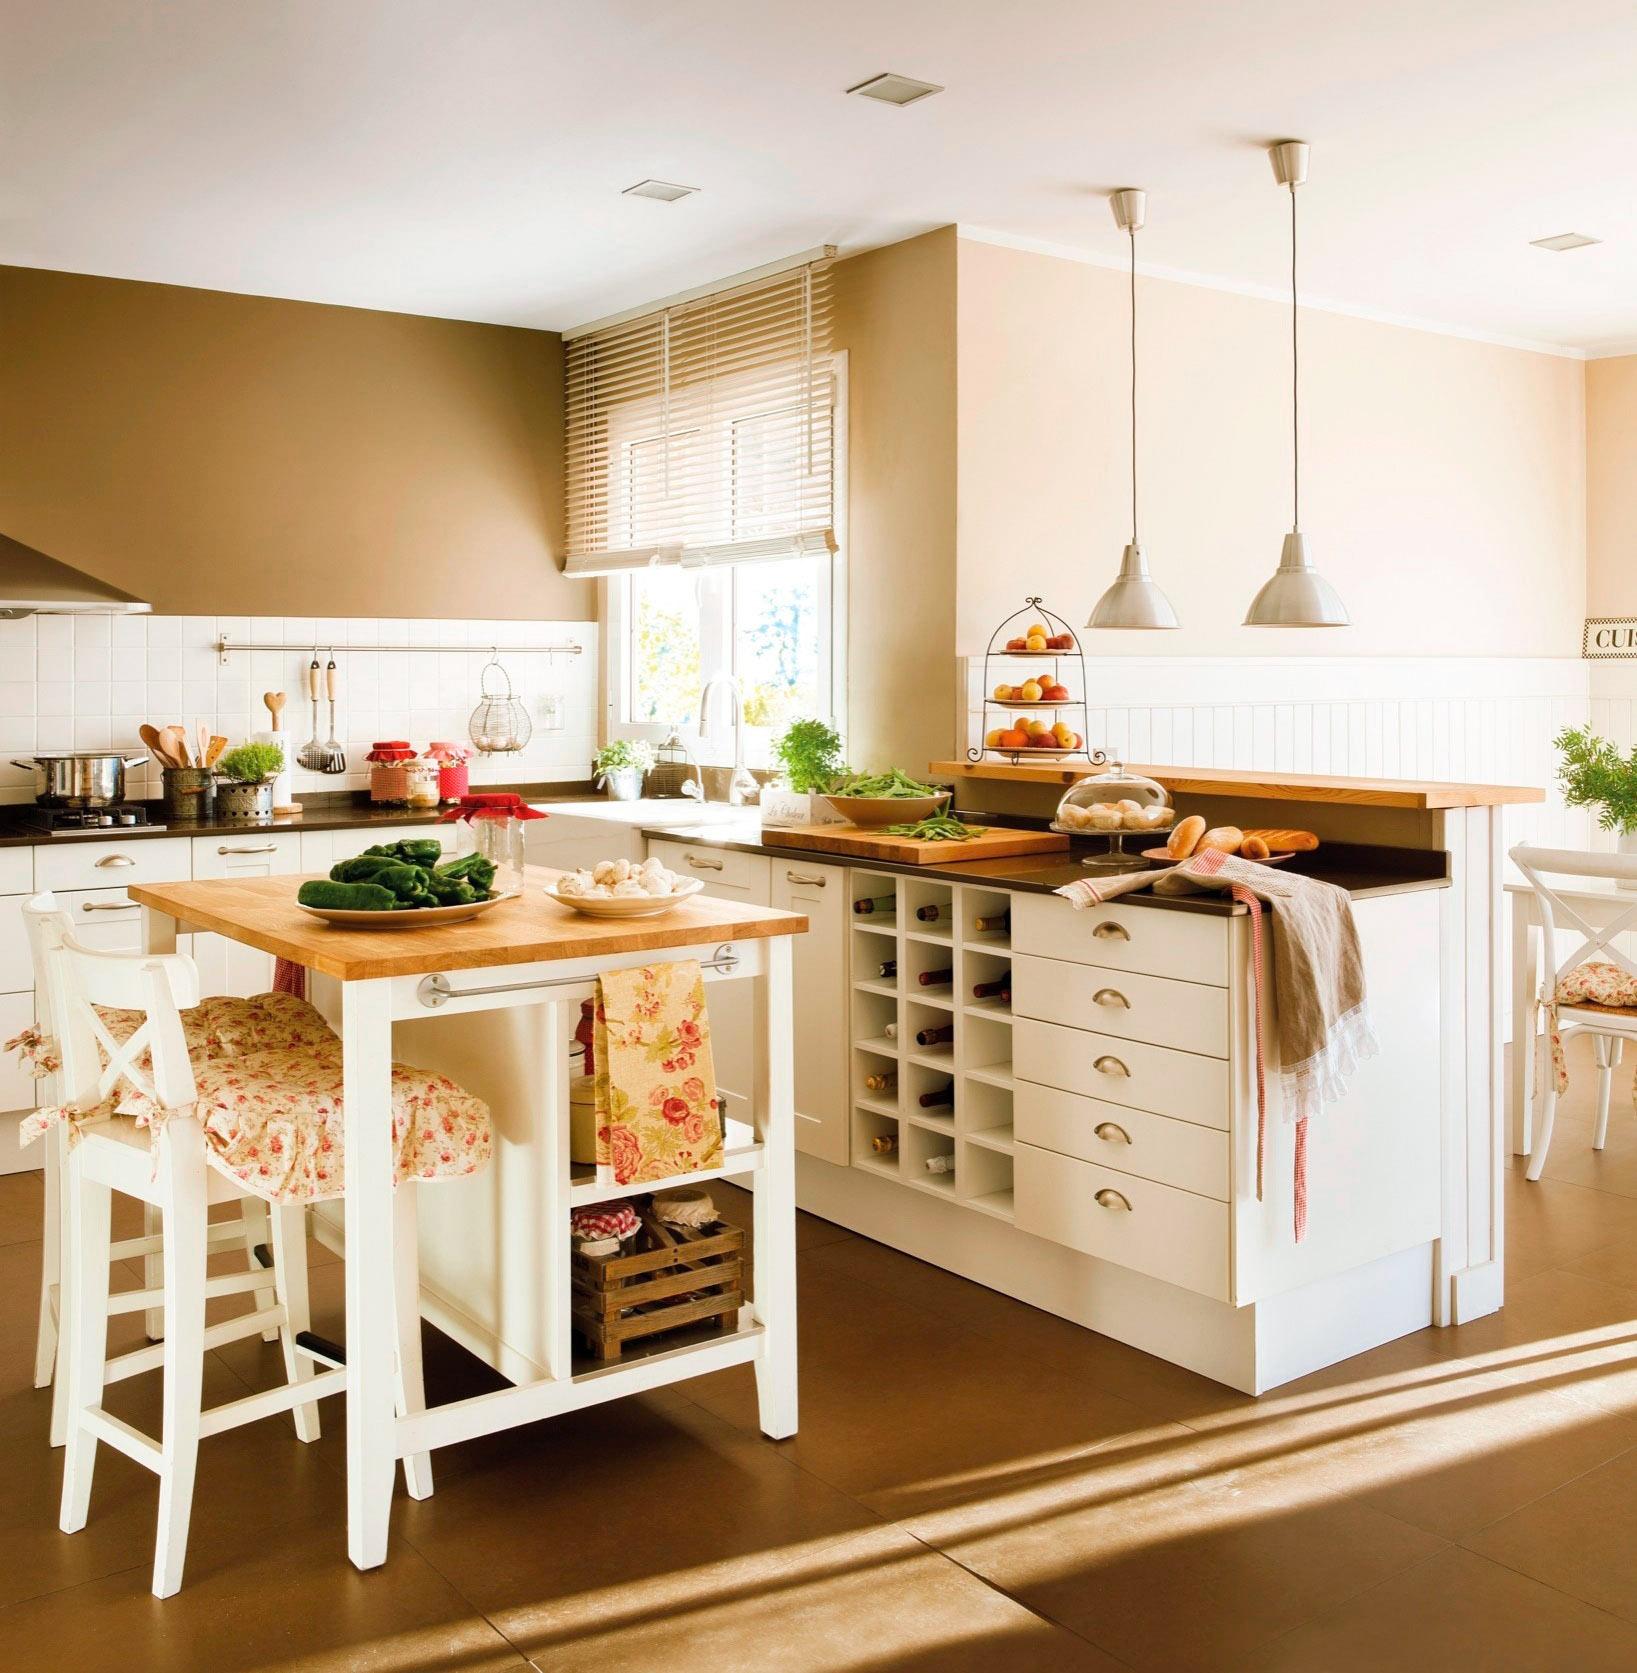 Cmo organizar la cocina y el bao para que resulten ms funcionales